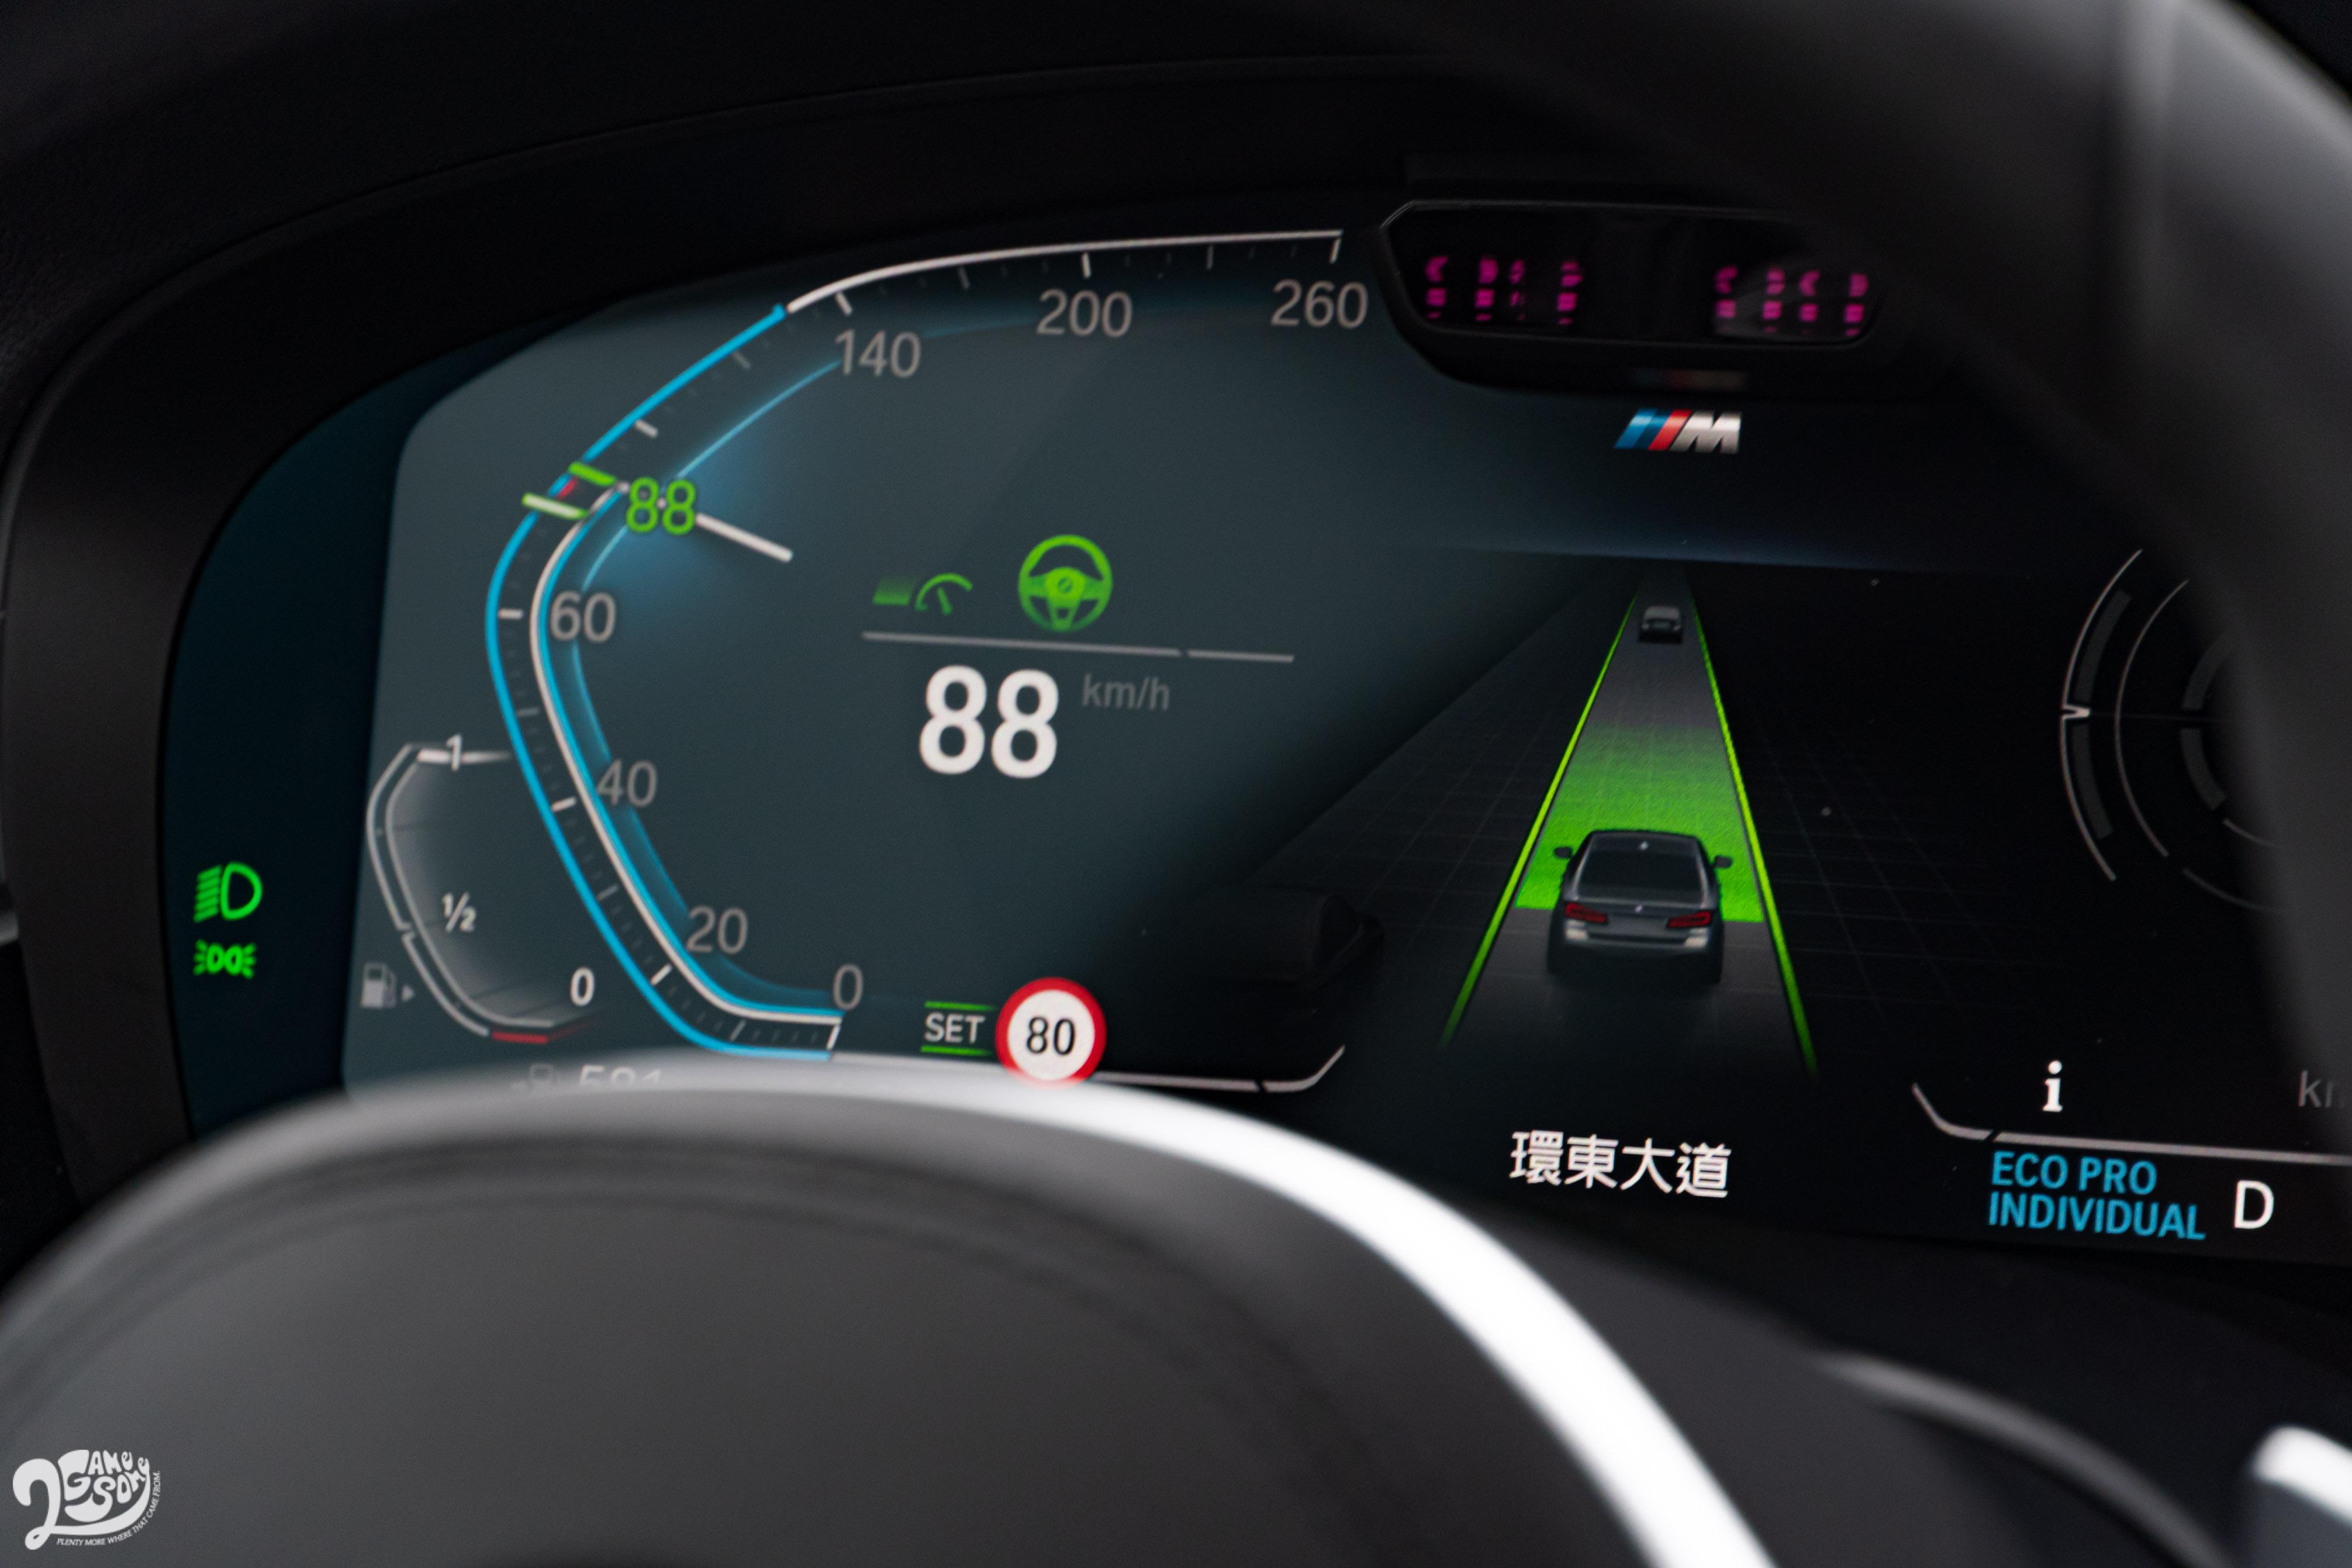 5系列全車系標配具 Level 2 等級的駕駛輔助功能。